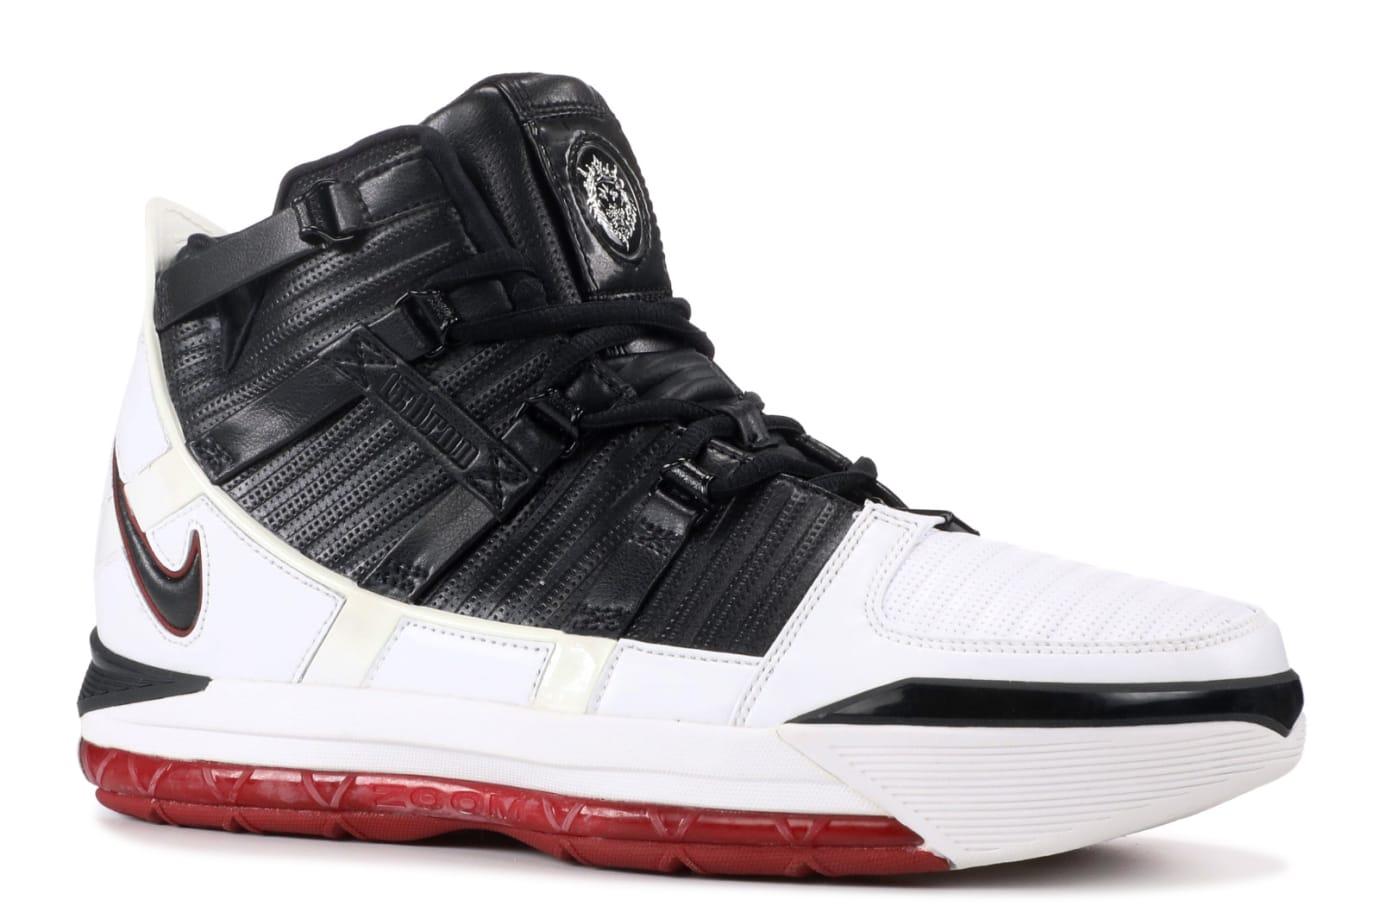 Nike Zoom LeBron 3 'Home' 2